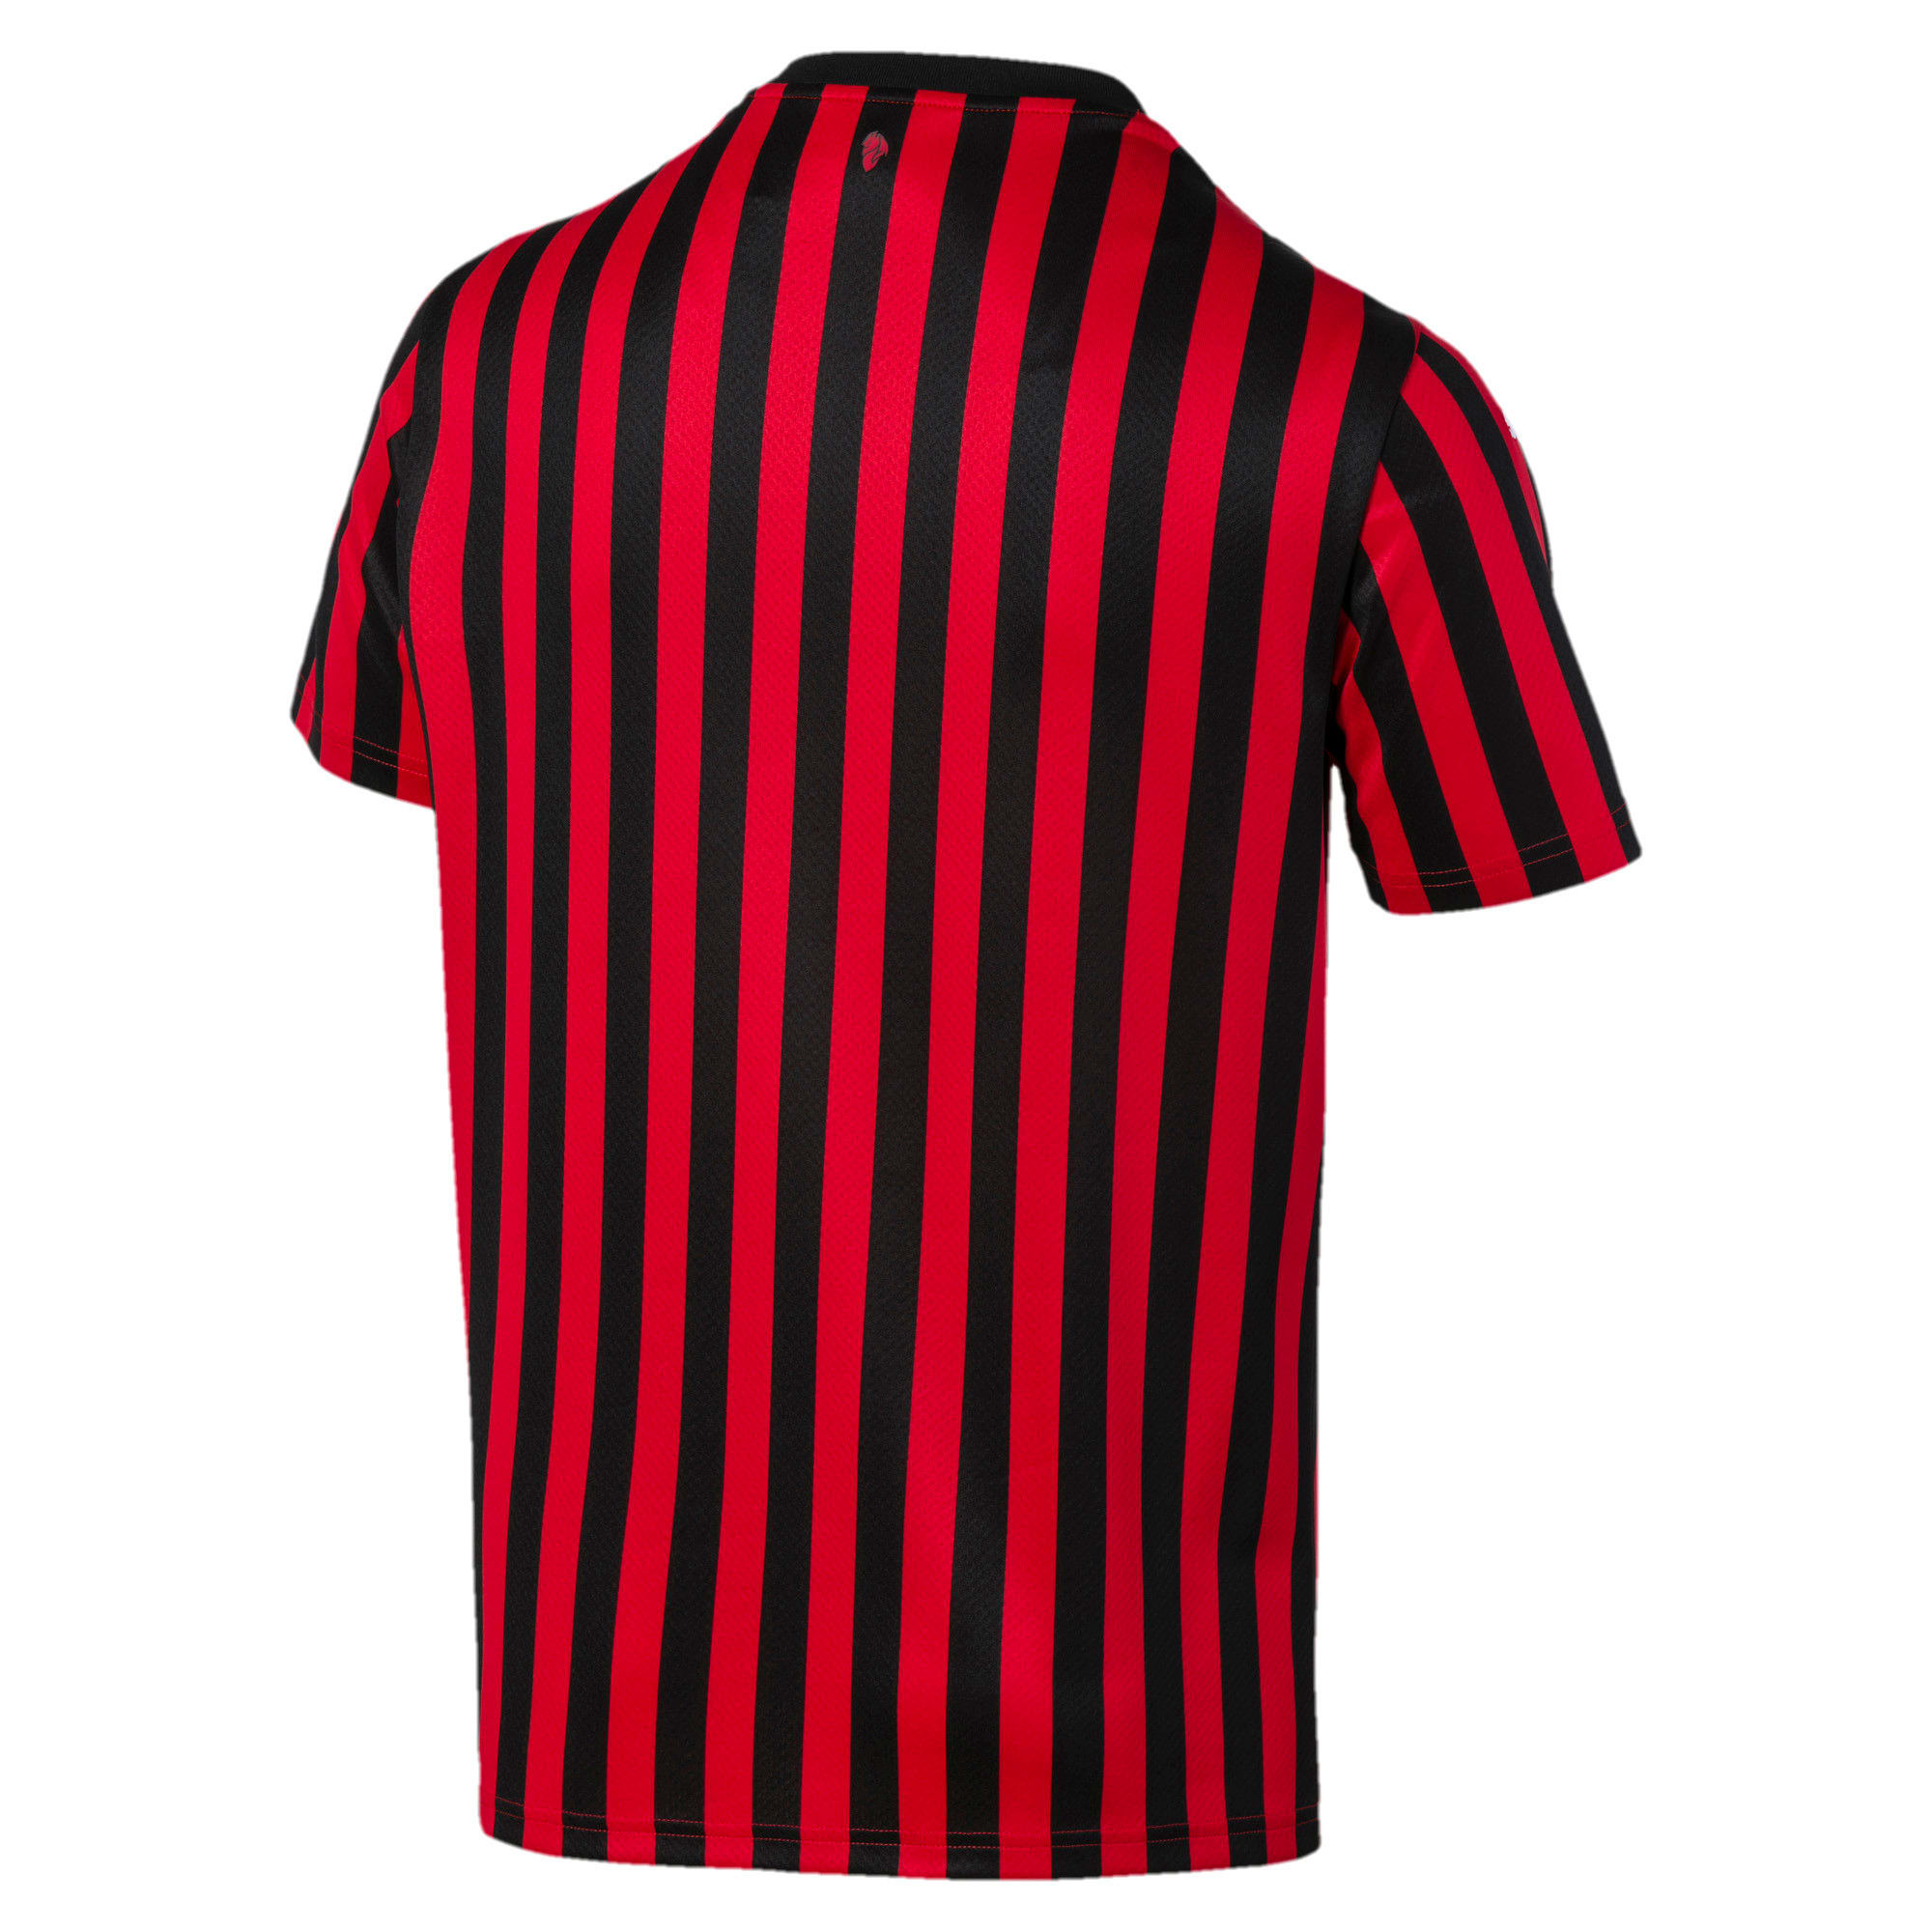 Anteprima 2 di AC Milan Men's Home Replica Jersey, Tango Red -Puma Black, medio